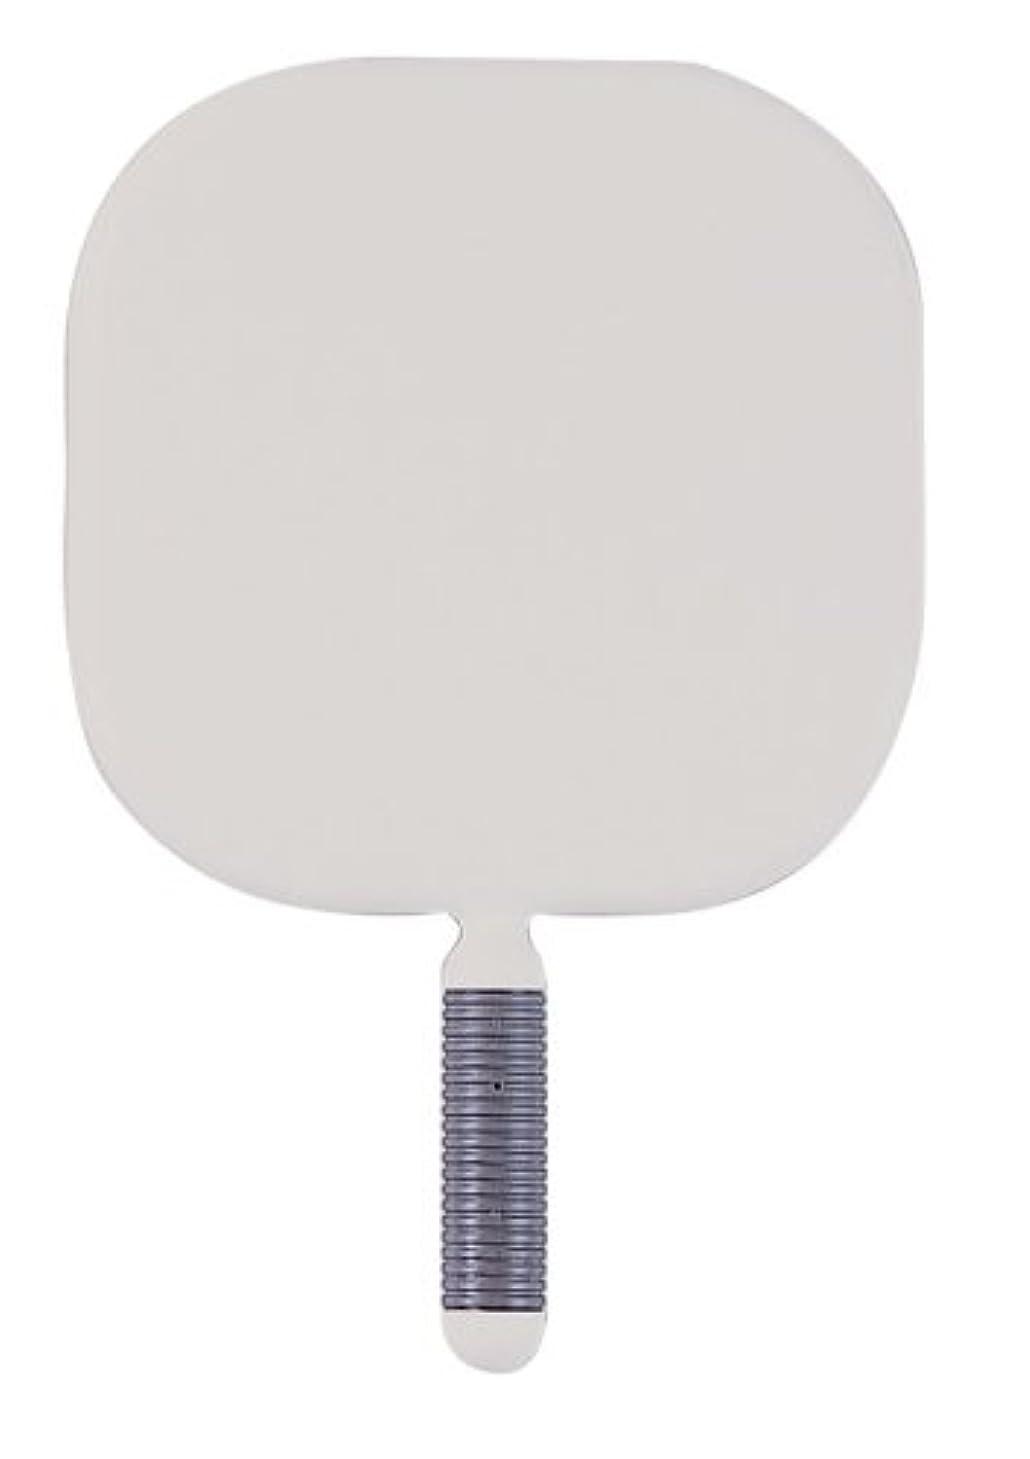 区別する対象ジェームズダイソンリビエール 角型 ハンドミラー Y-1403 ホワイト